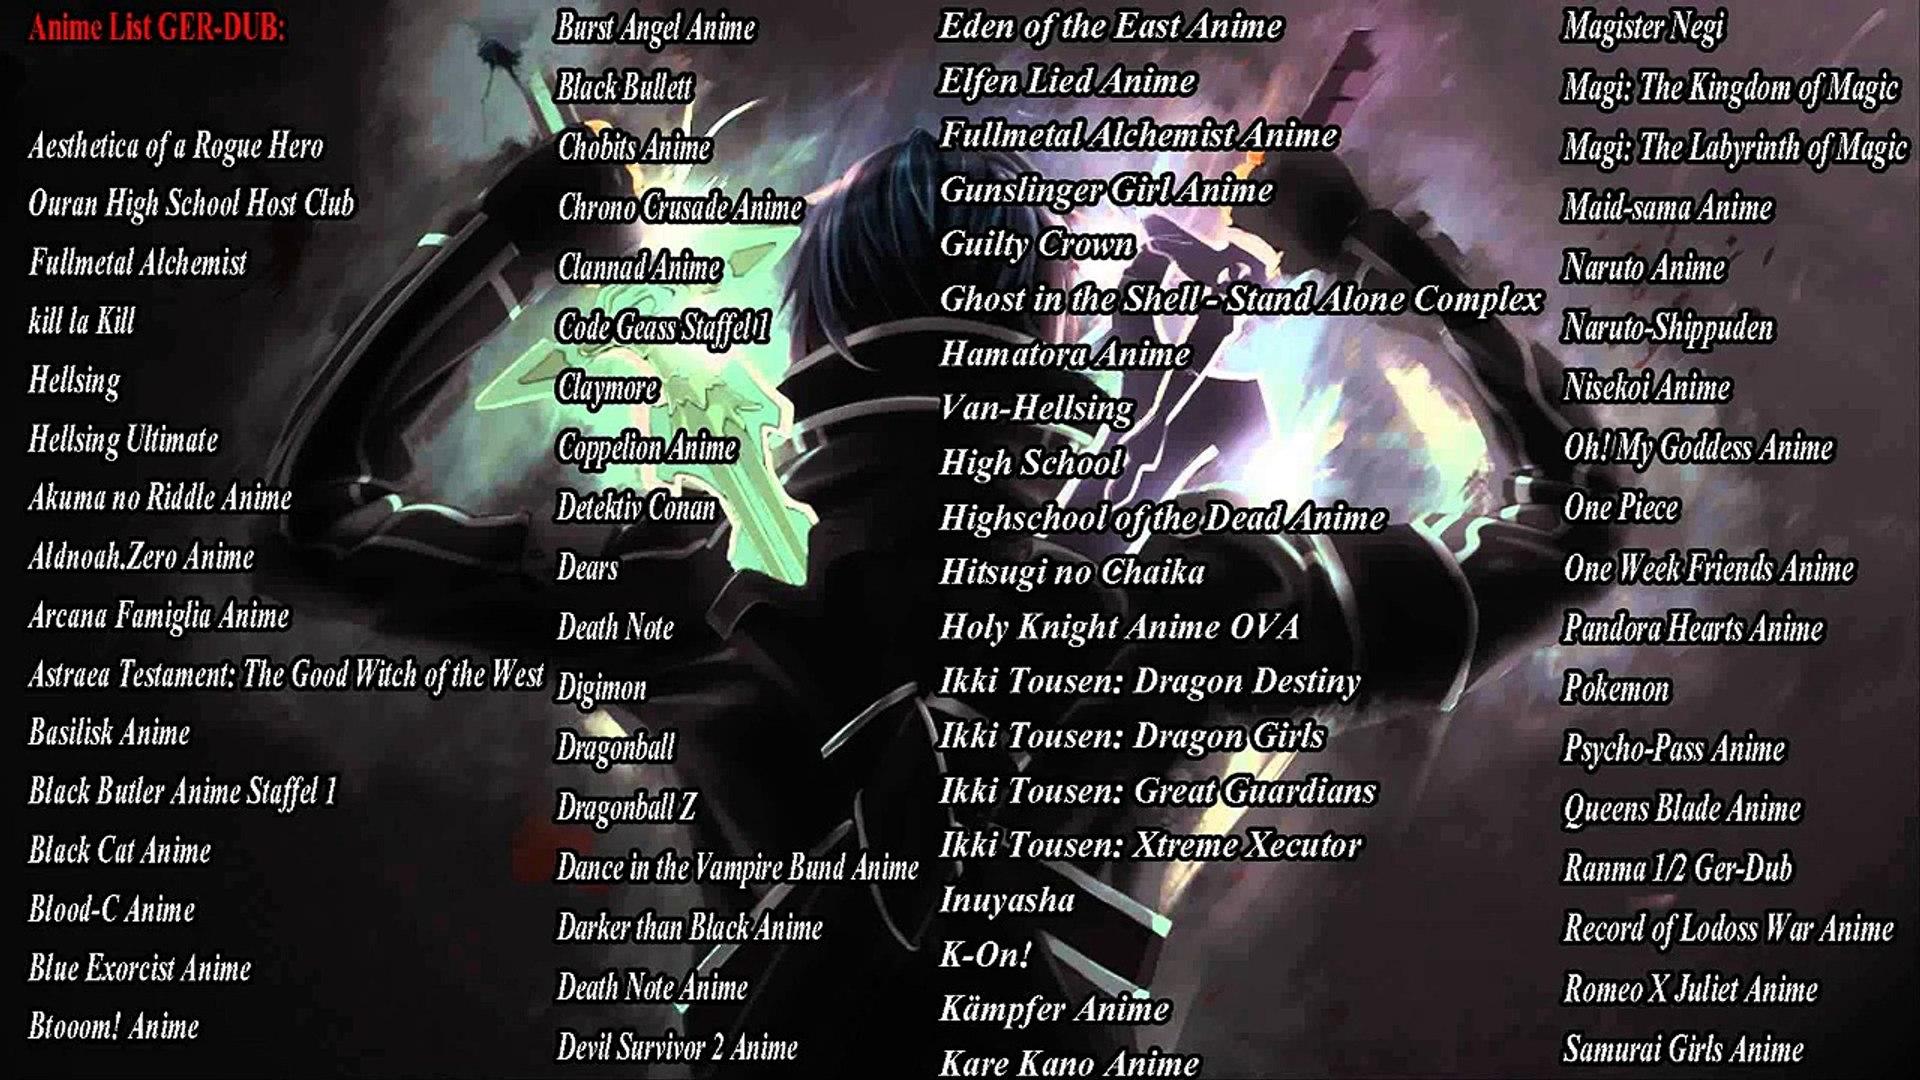 German dub anime liste